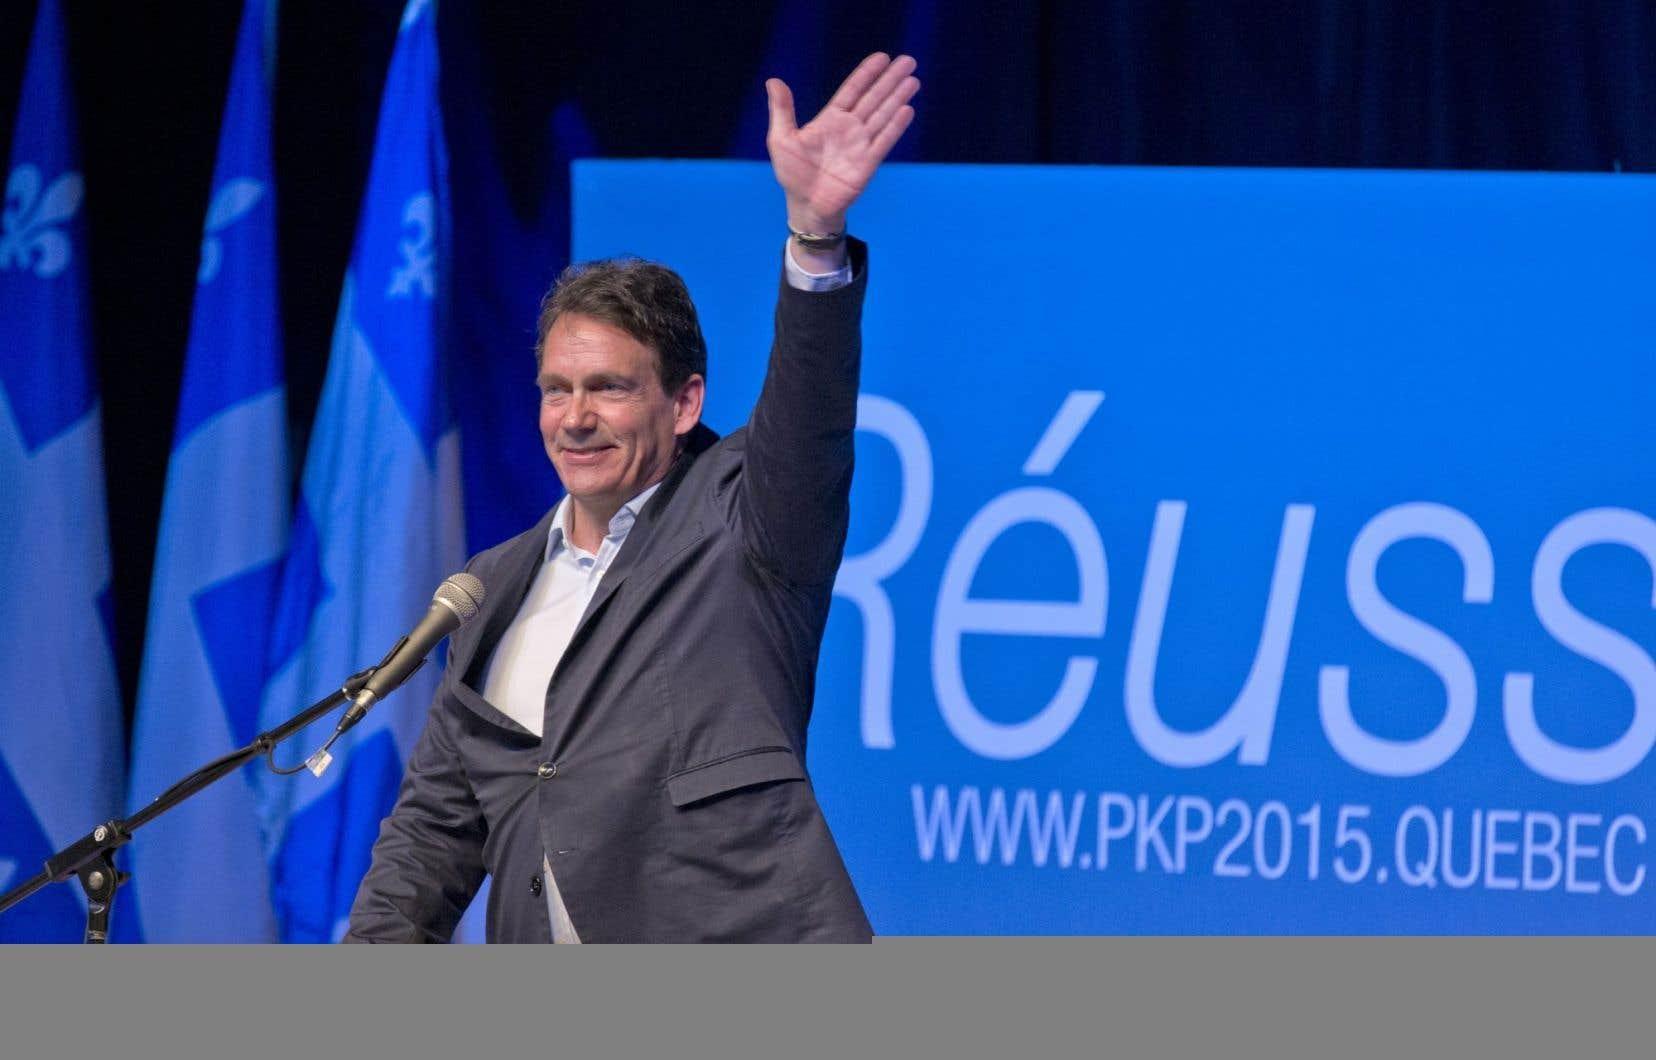 Il est trop tôt pour juger si Pierre Karl Péladeau bouleversera le système politique québécois et mènera le Québec vers un nouveau cycle.